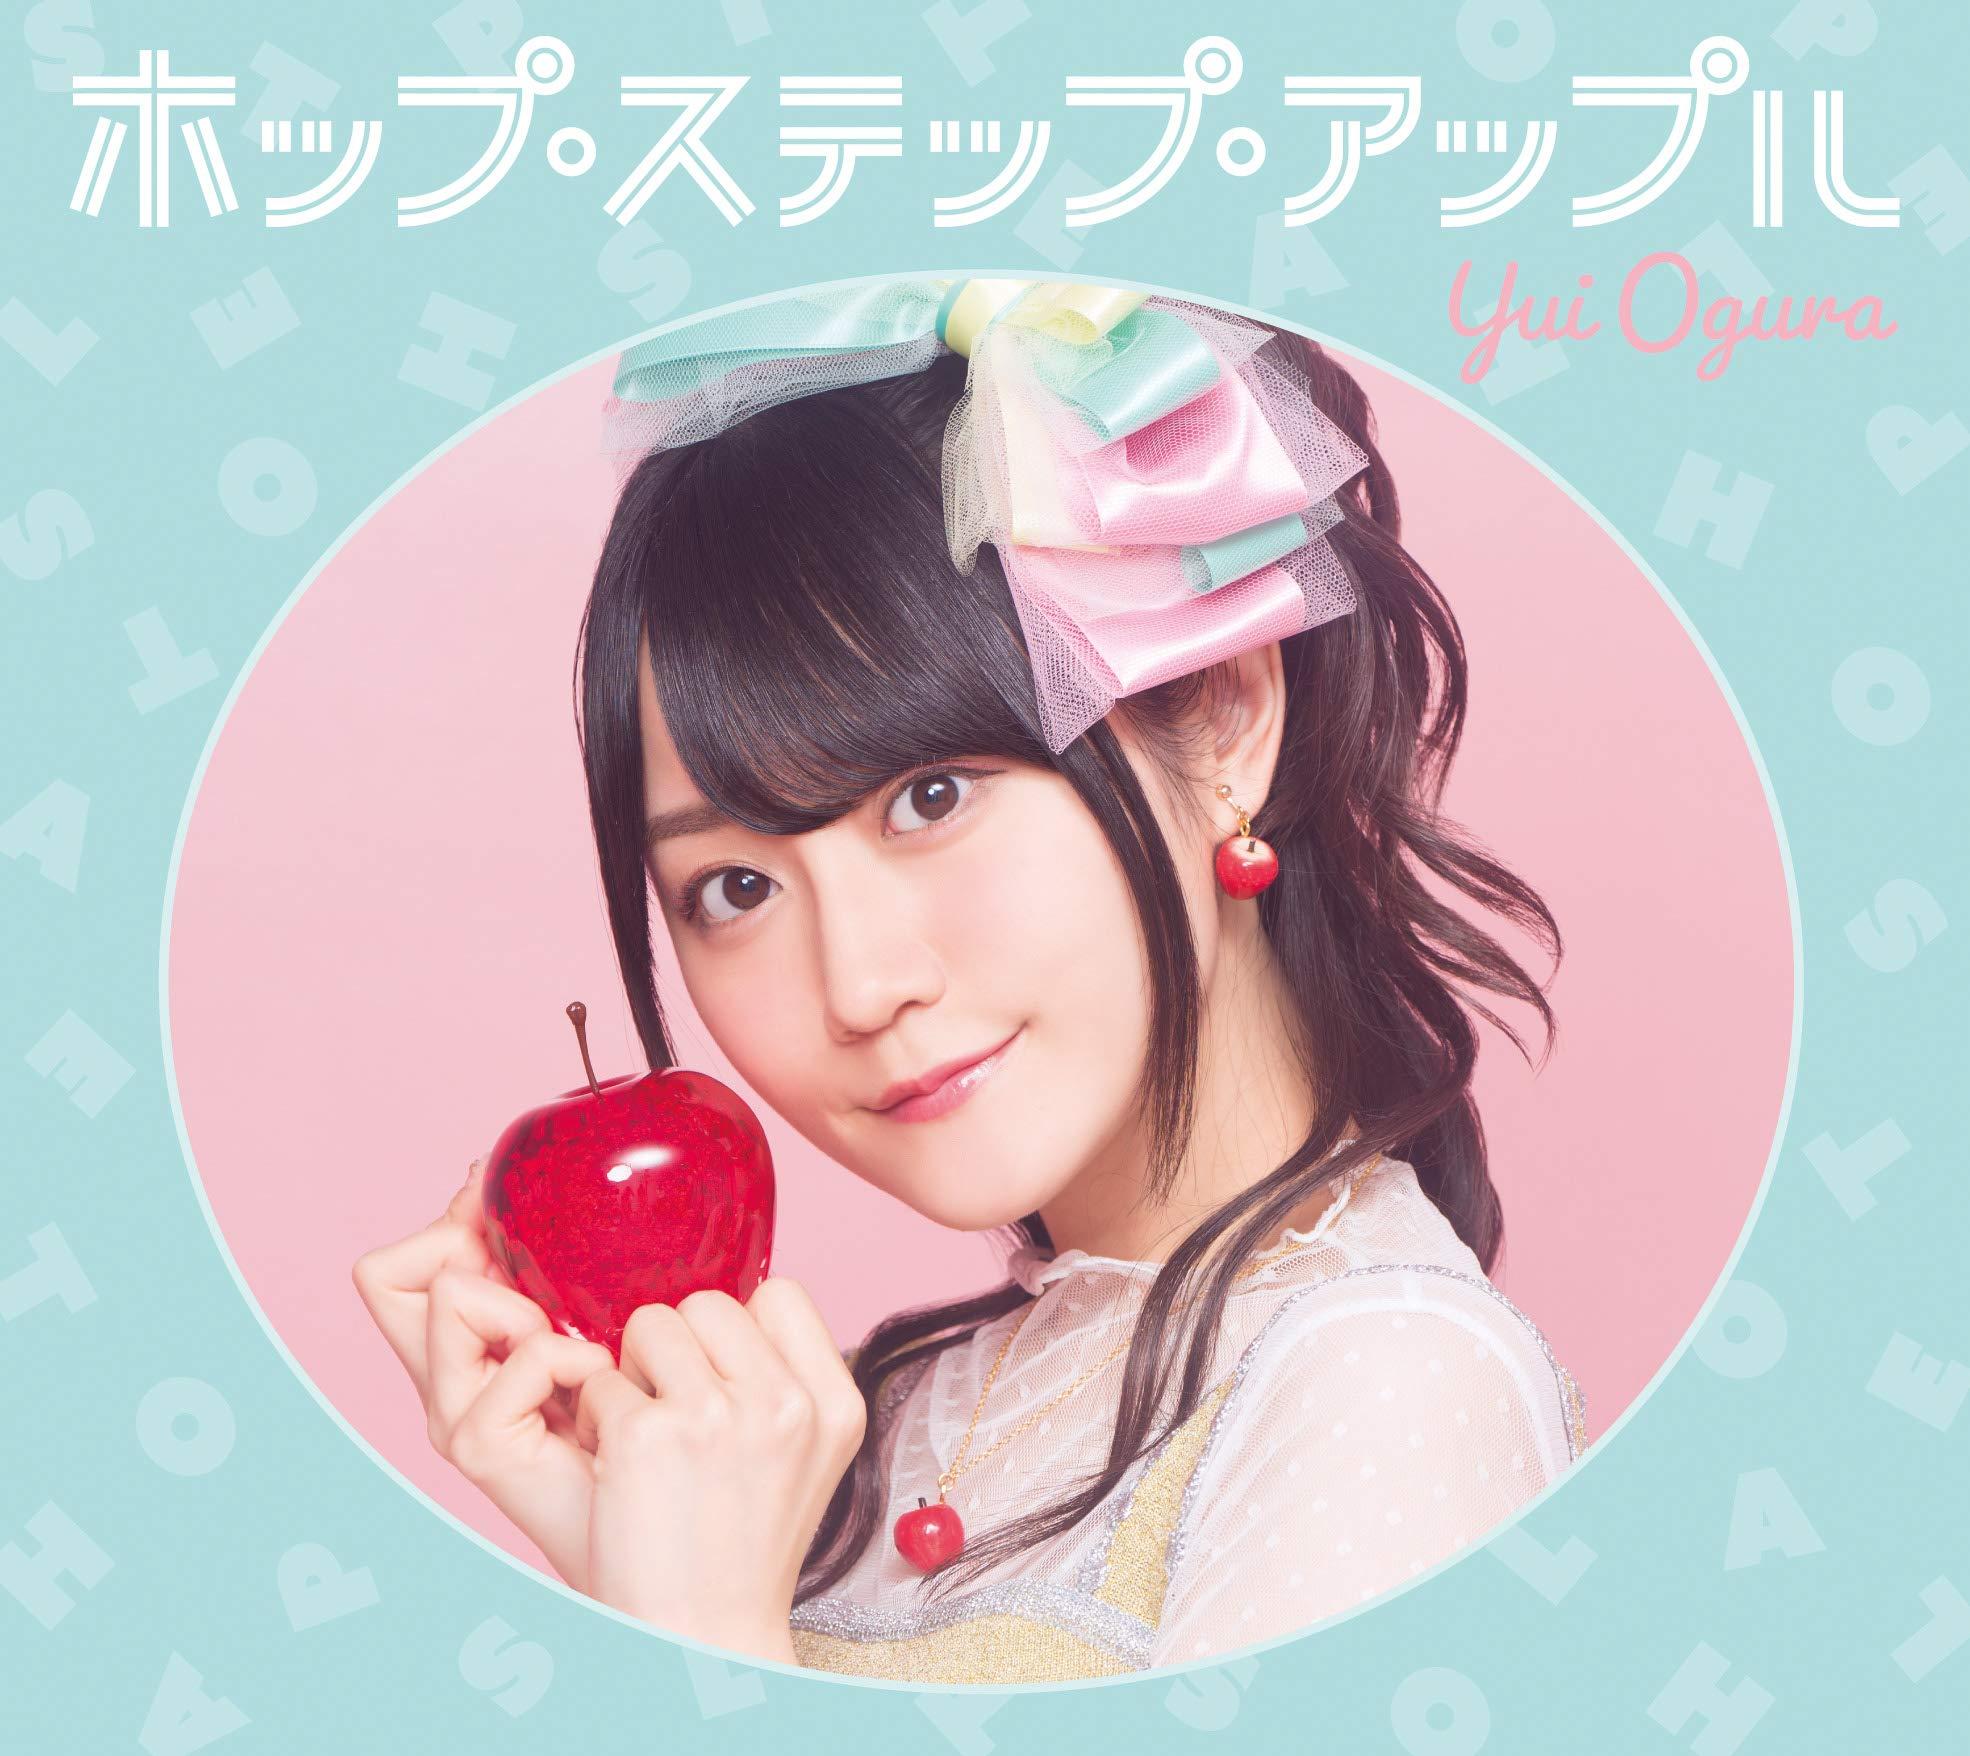 小倉唯/ホップ・ステップ・アップル(CD+BD盤)